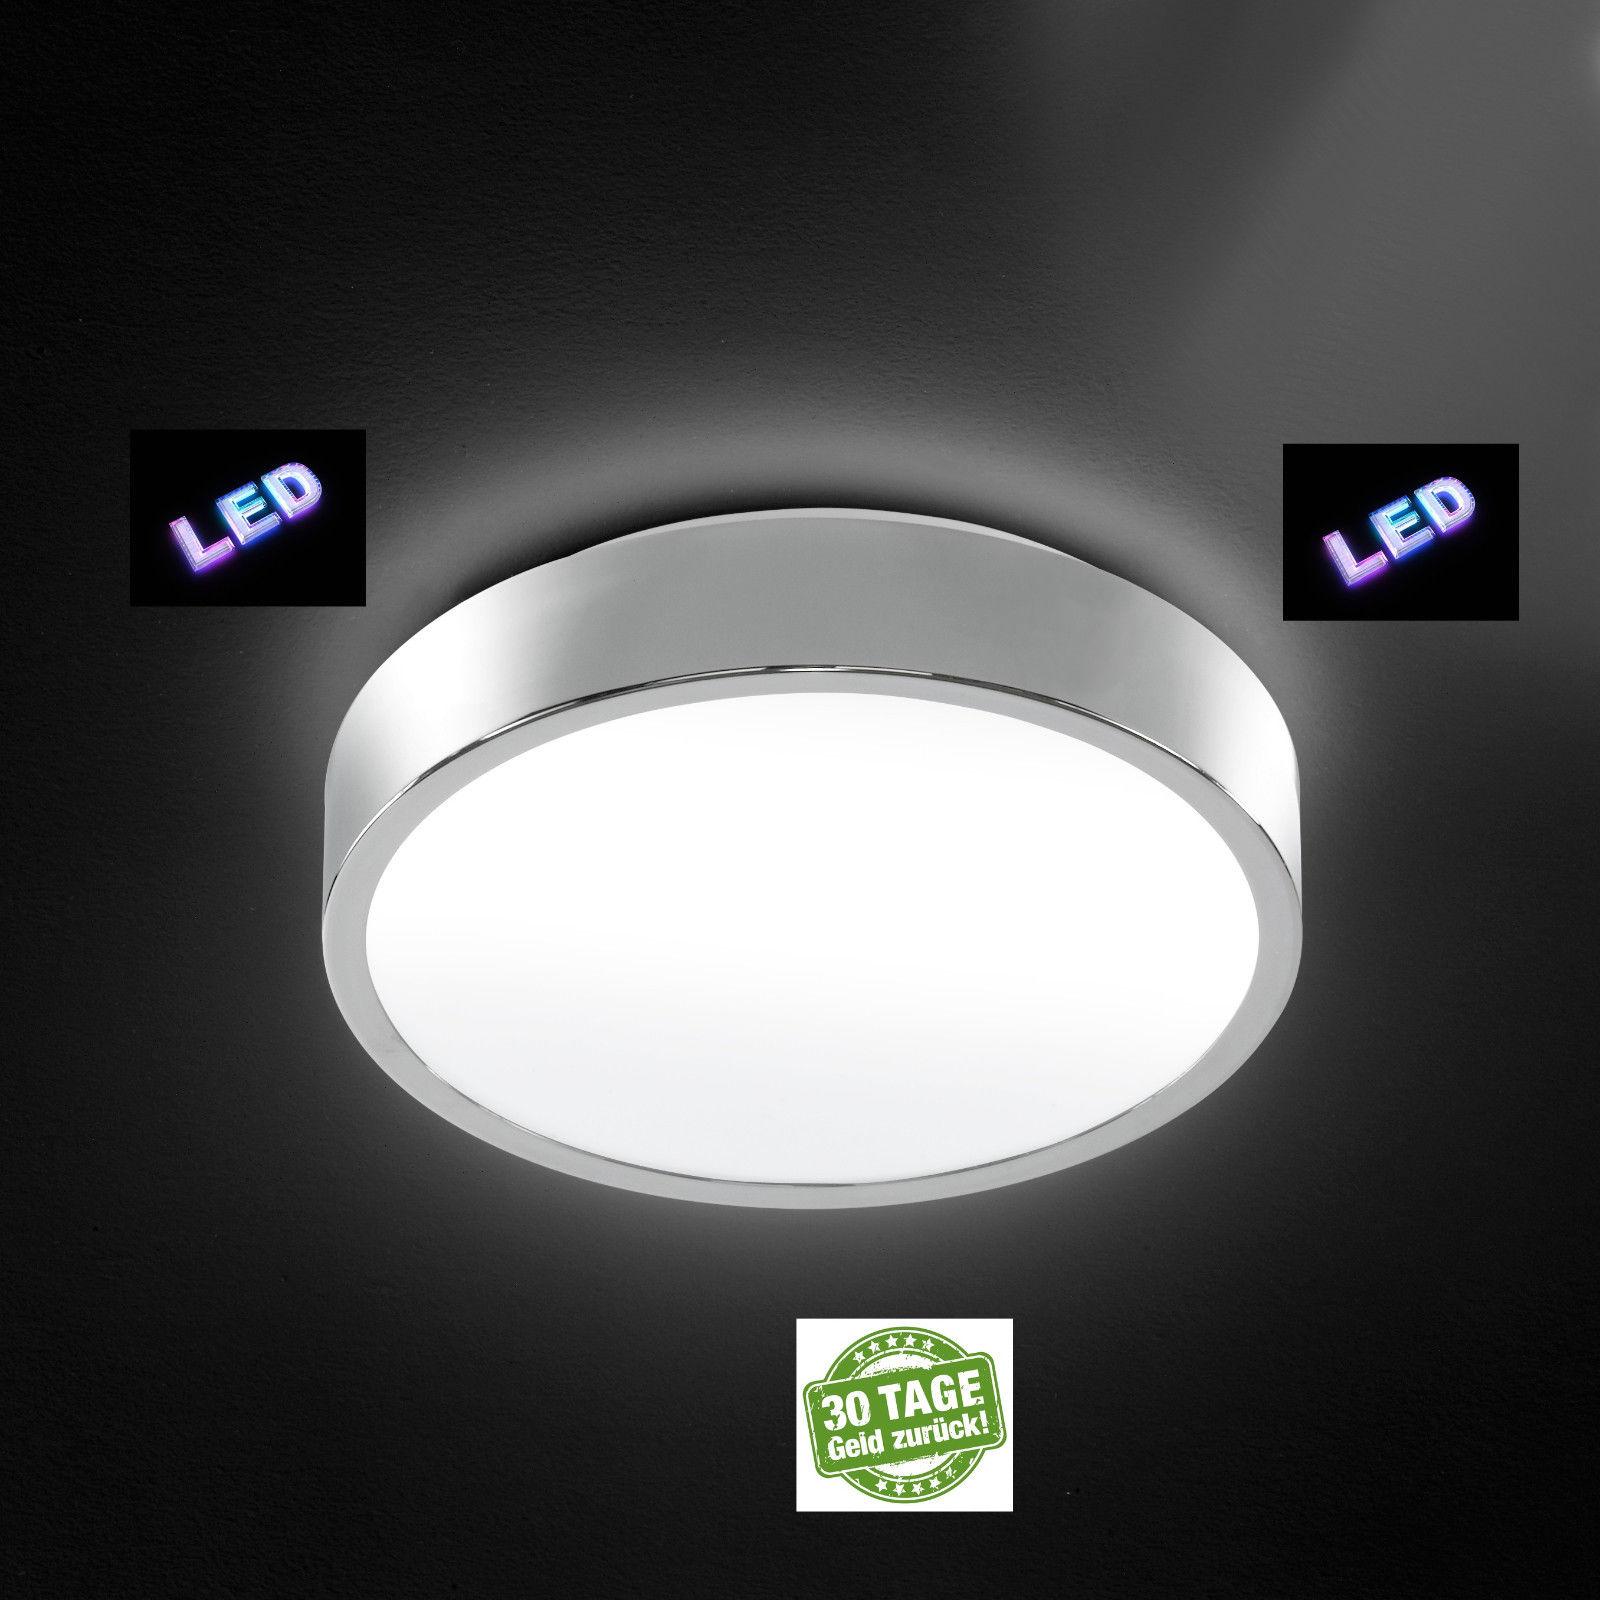 honsel 20201 helle led deckenleuchte deckenlampe leuchte. Black Bedroom Furniture Sets. Home Design Ideas